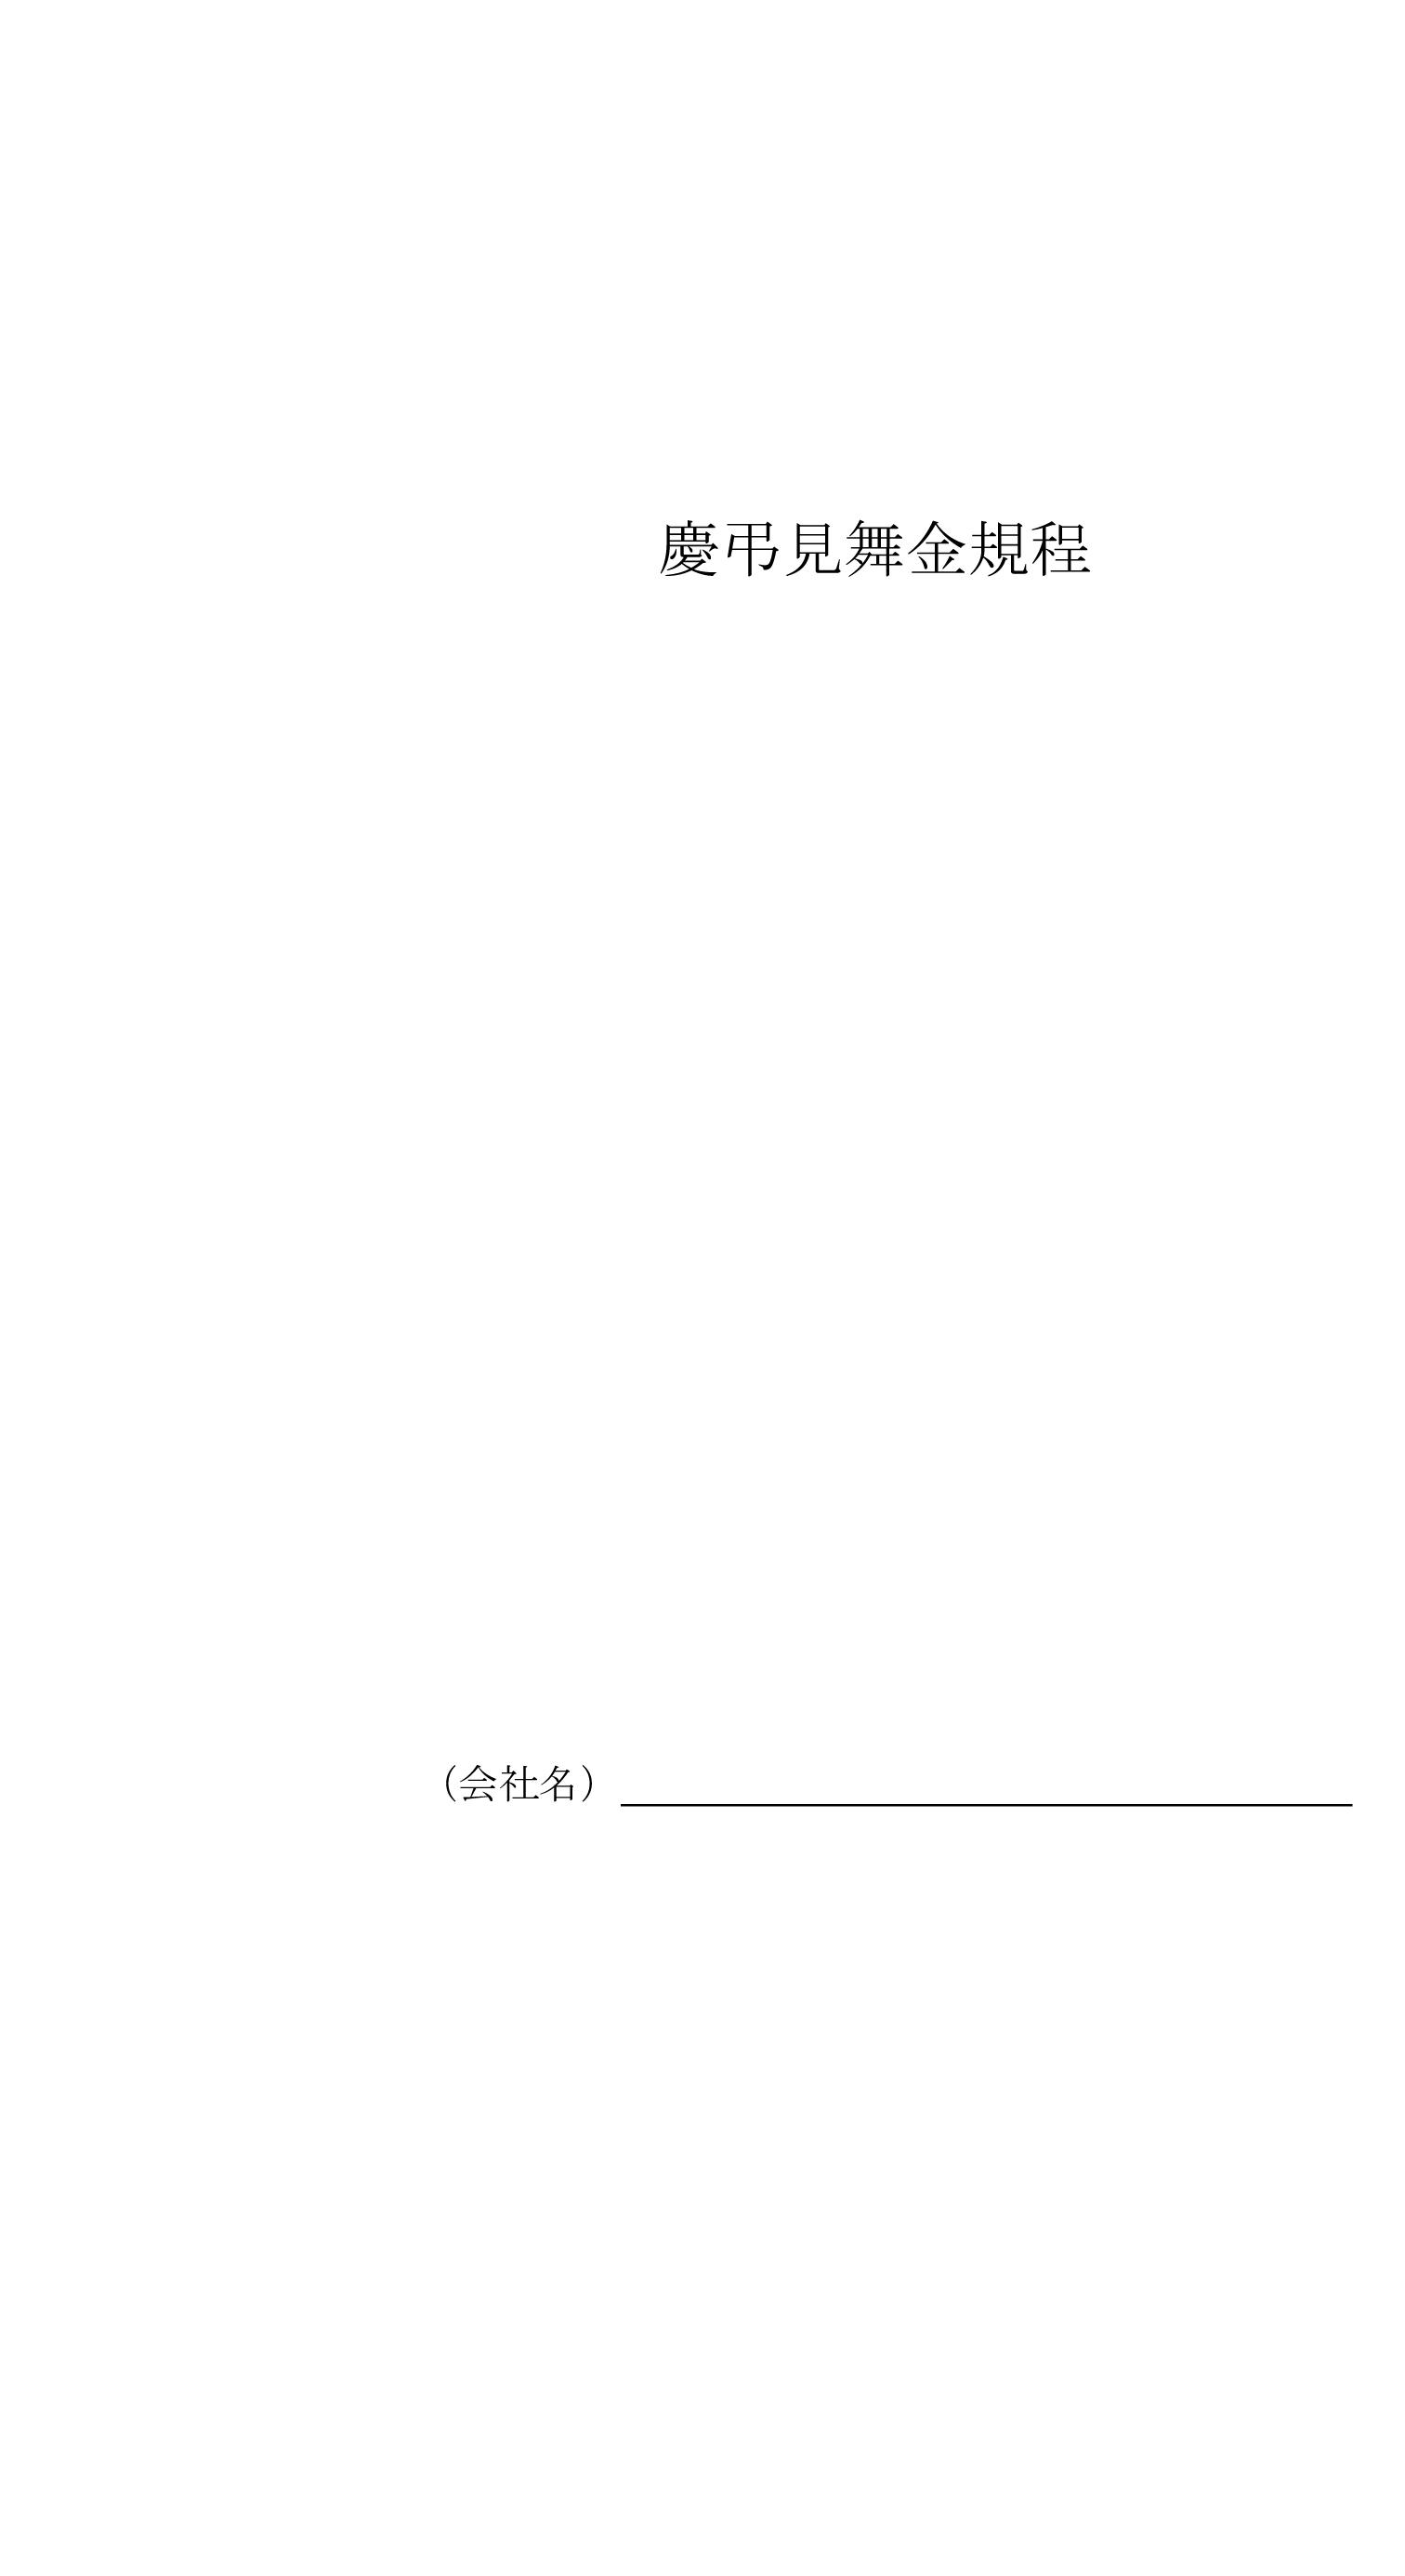 慶弔見舞金規程03